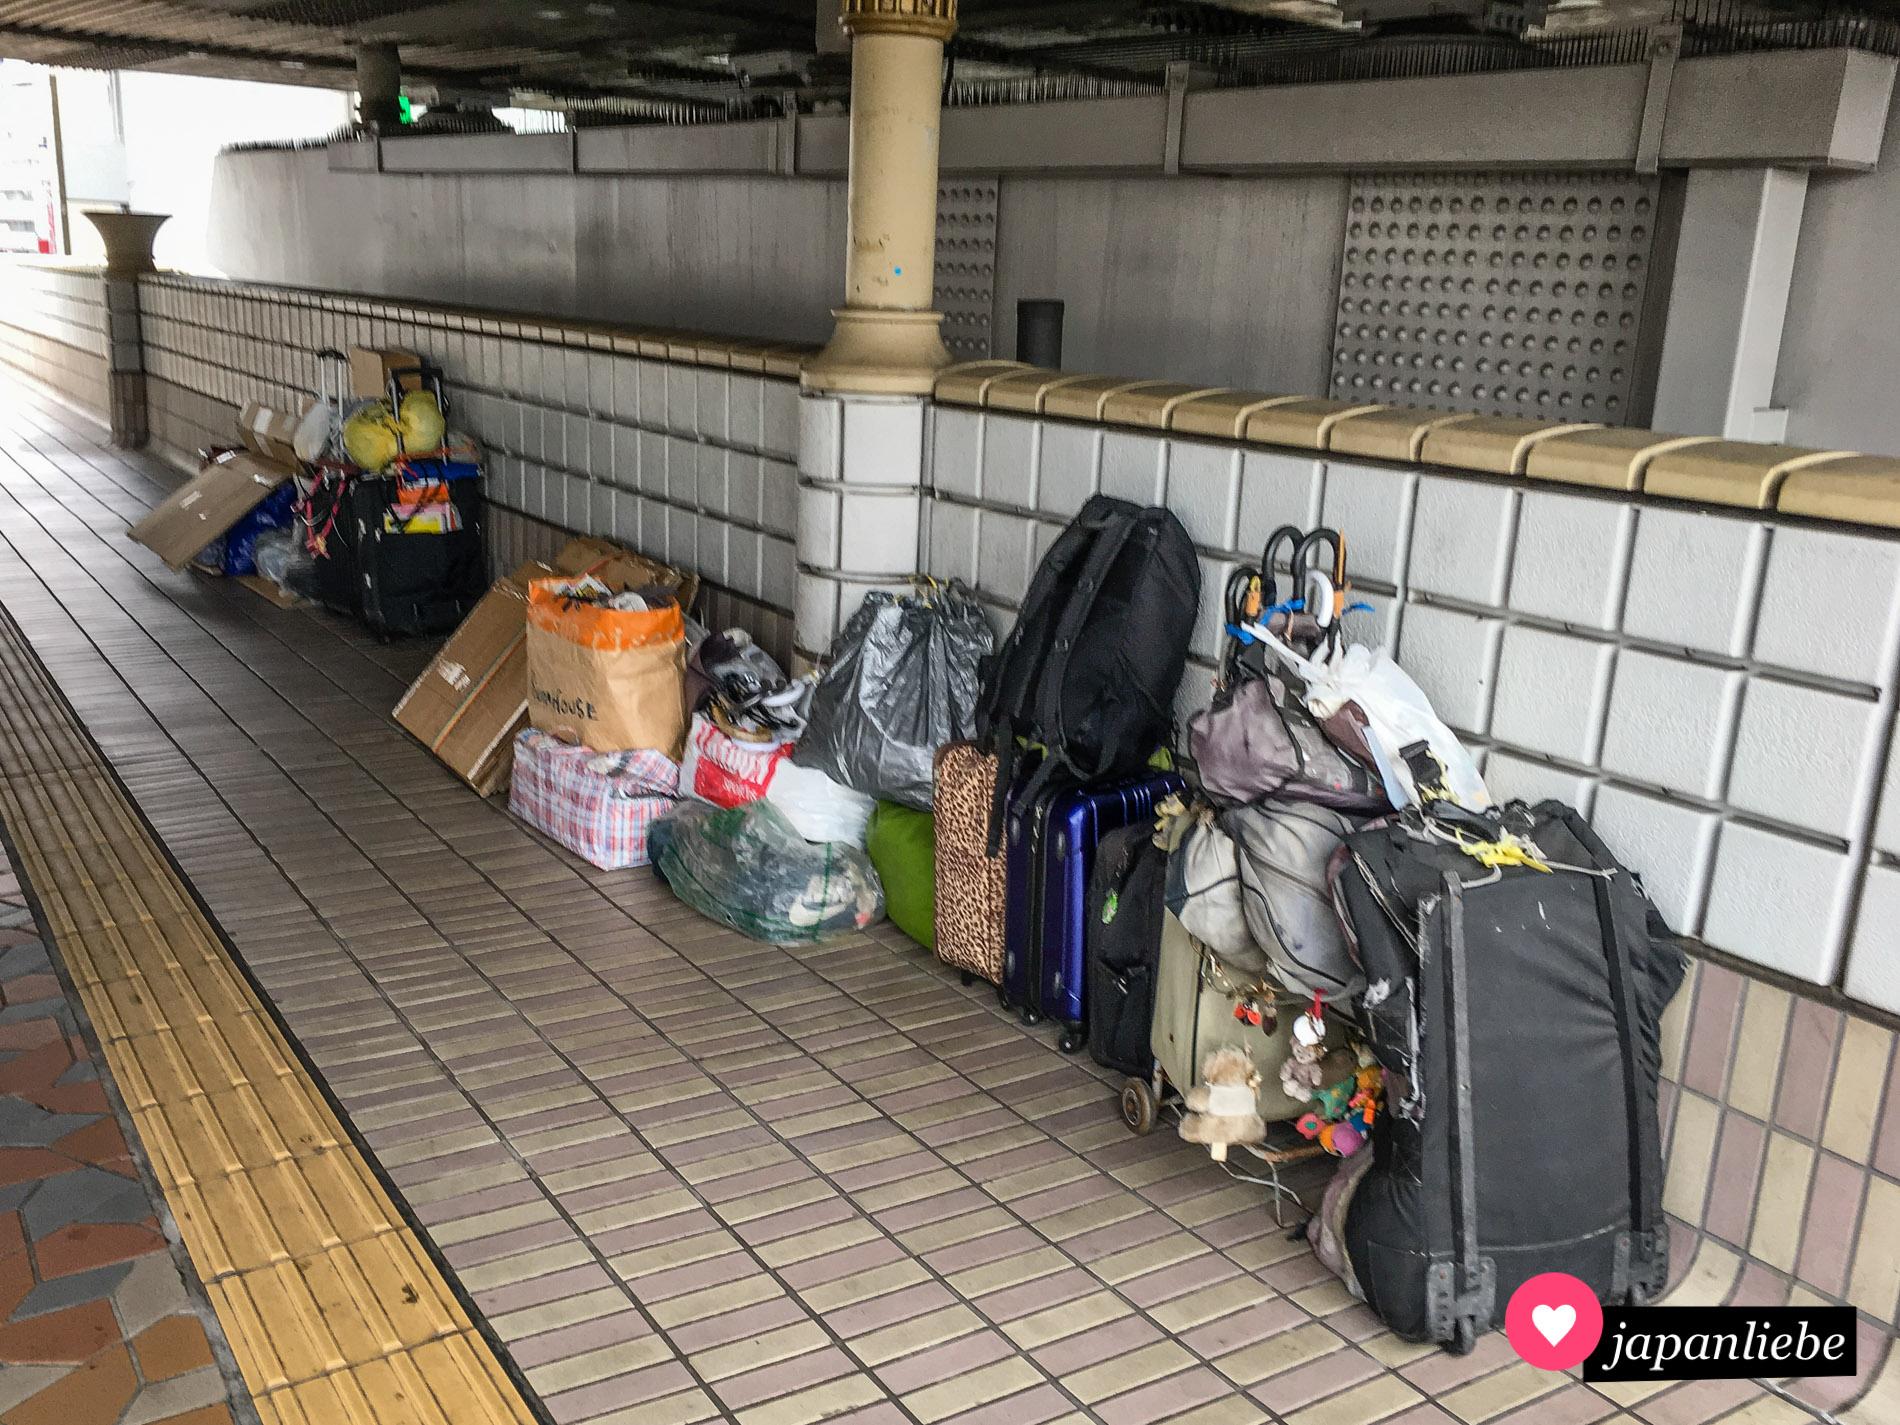 """Obdachlosigkeit wird in Deutschland oft mit Bettler gleichgesetzt. In Japan ist Betteln gesetzlich verboten. Die sogenannten """"Homeless"""" halten sich anders über Wasser. Das Hab und Gut sieht man oft unter Brücken oder in öffentlichen Parks."""